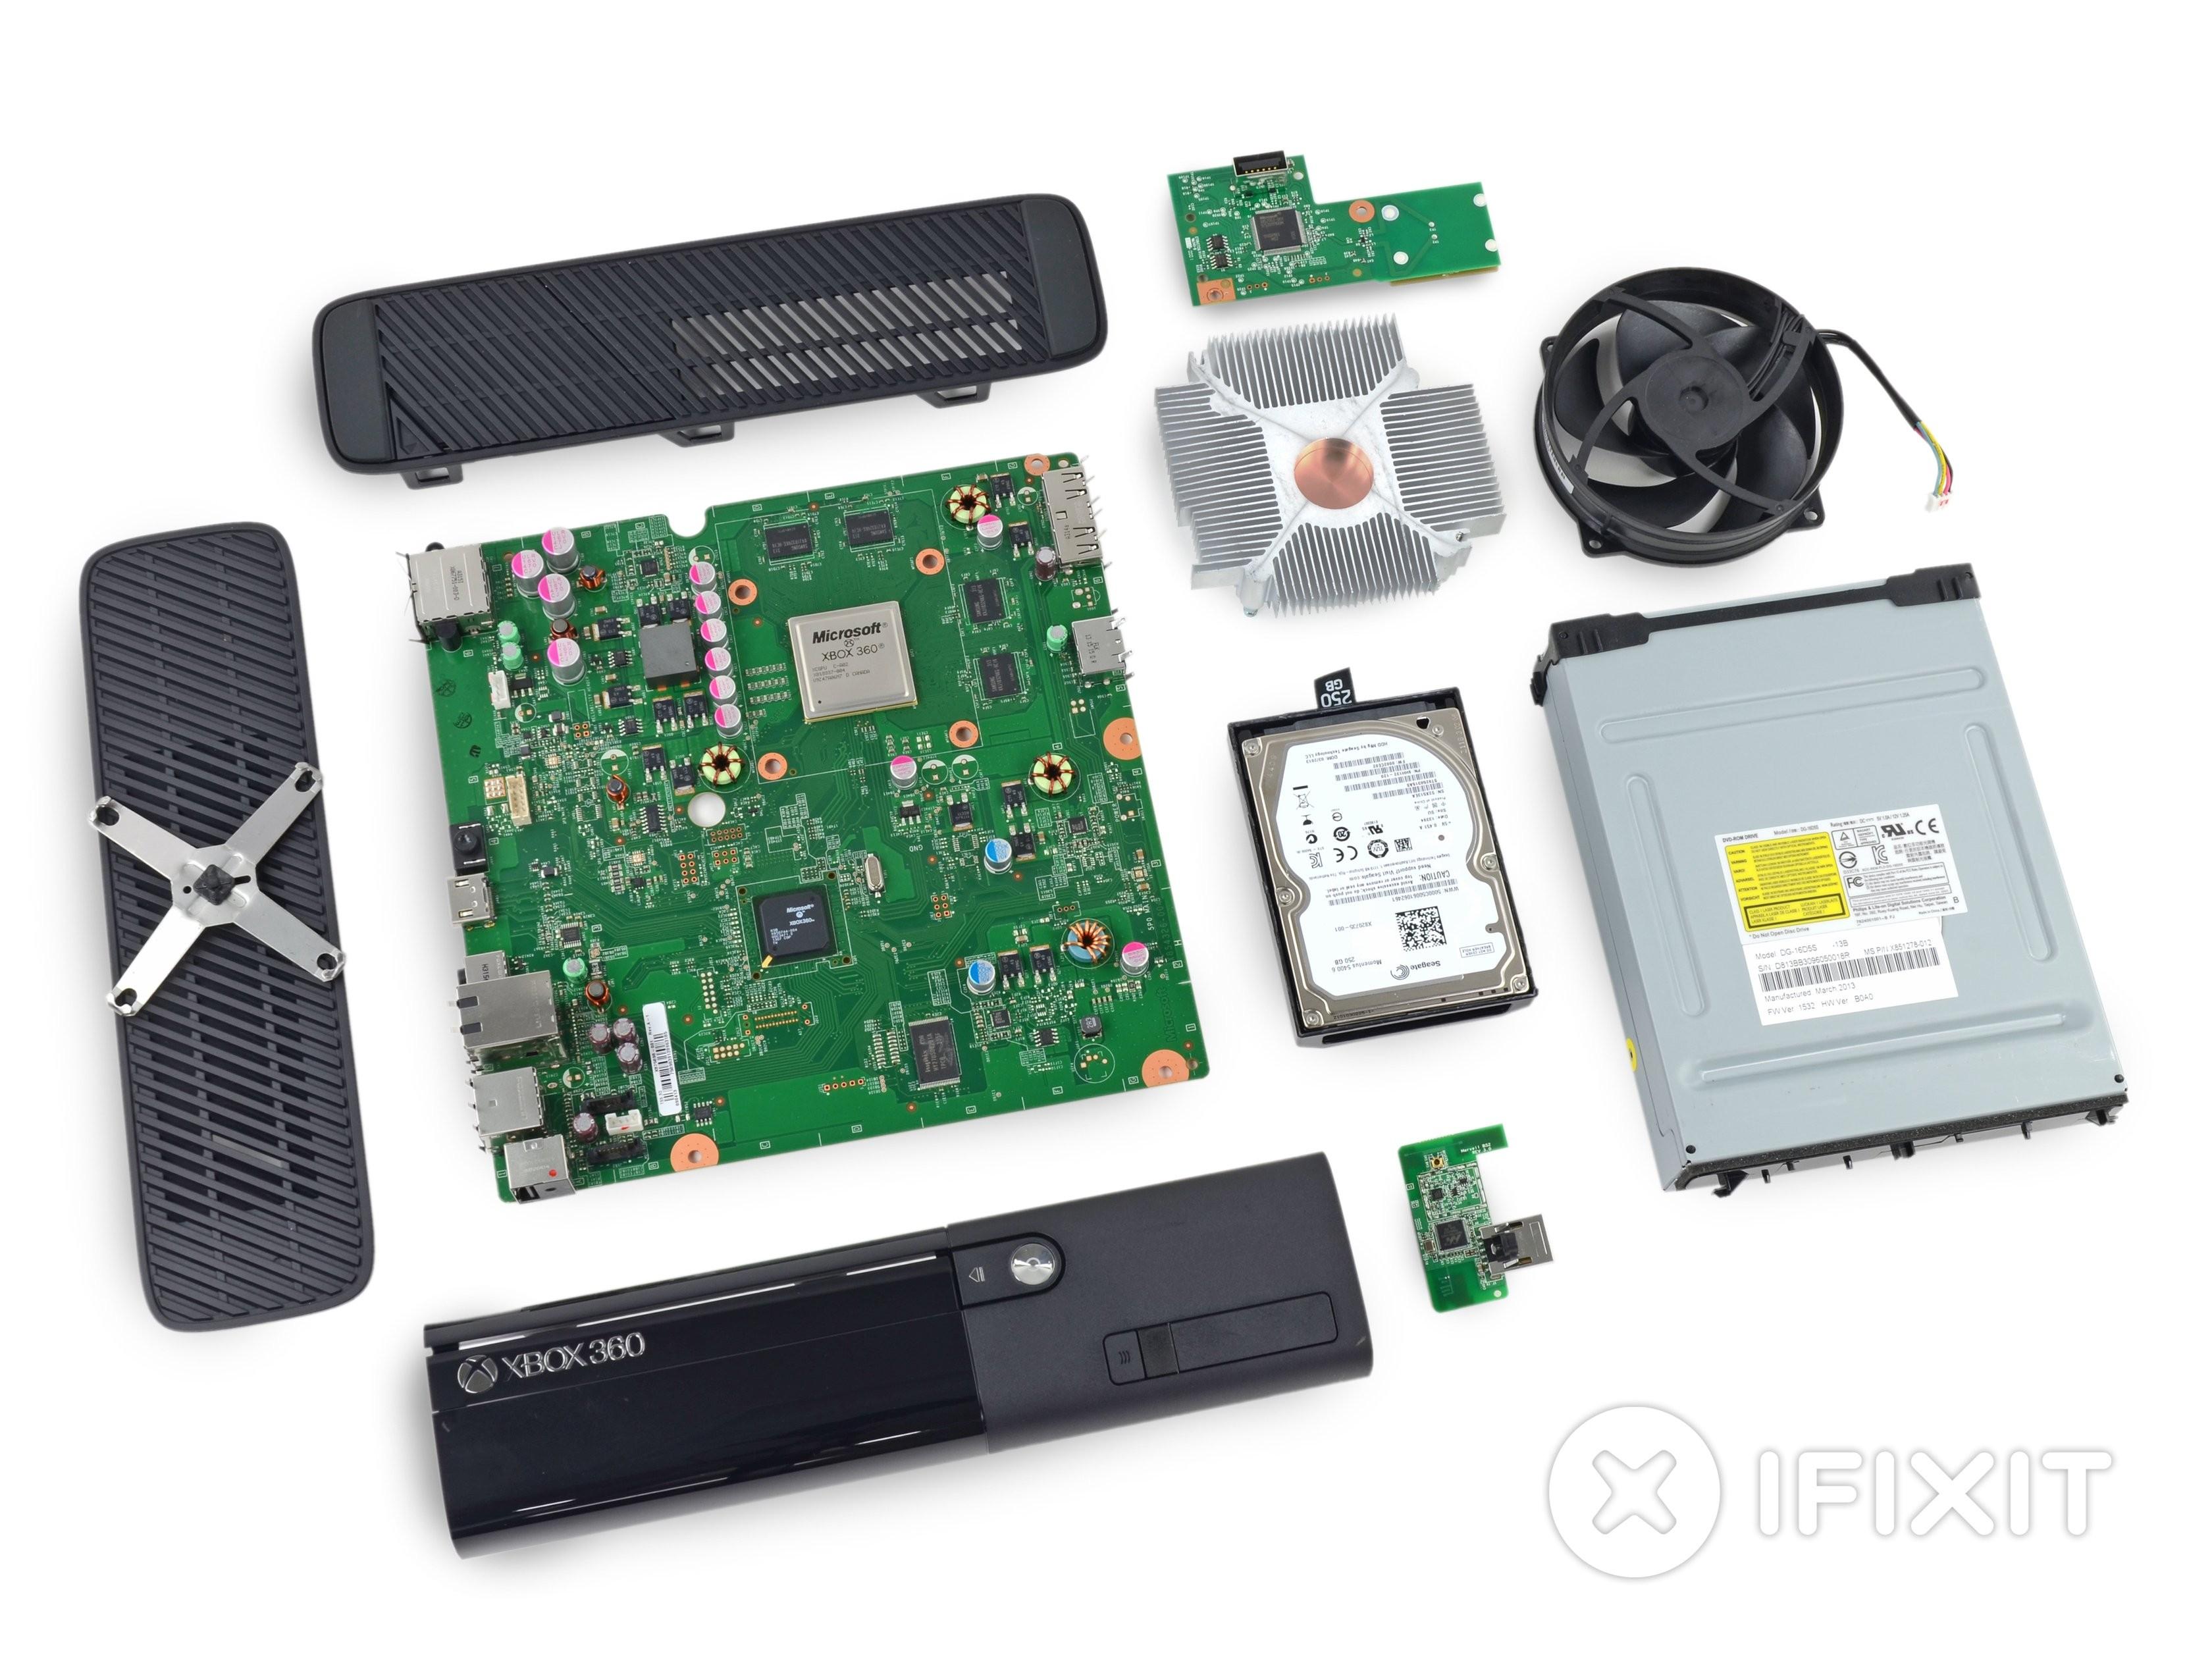 Xbox 360 Psu Wiring Diagram Lx 5630] Xbox 360 Power Supply Fuse Free Diagram Of Xbox 360 Psu Wiring Diagram